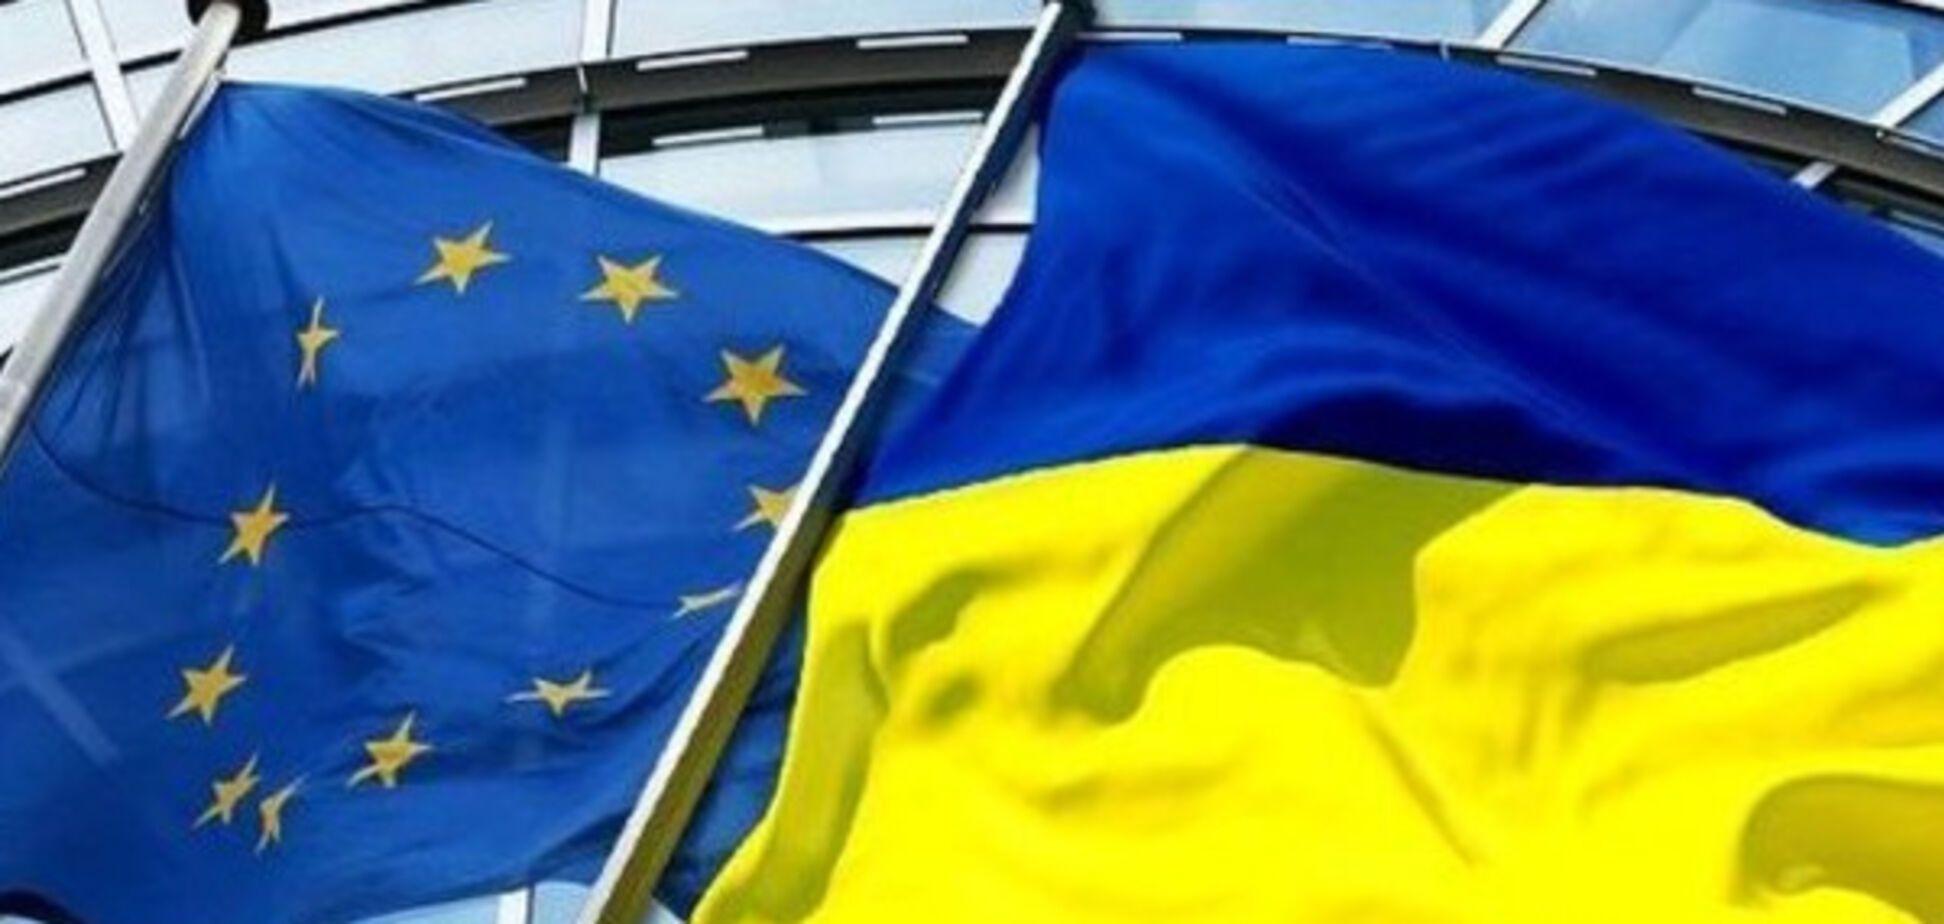 Україні та ЄС потрібно терміново змінити свою політику щодо РФ - Atlantic Council